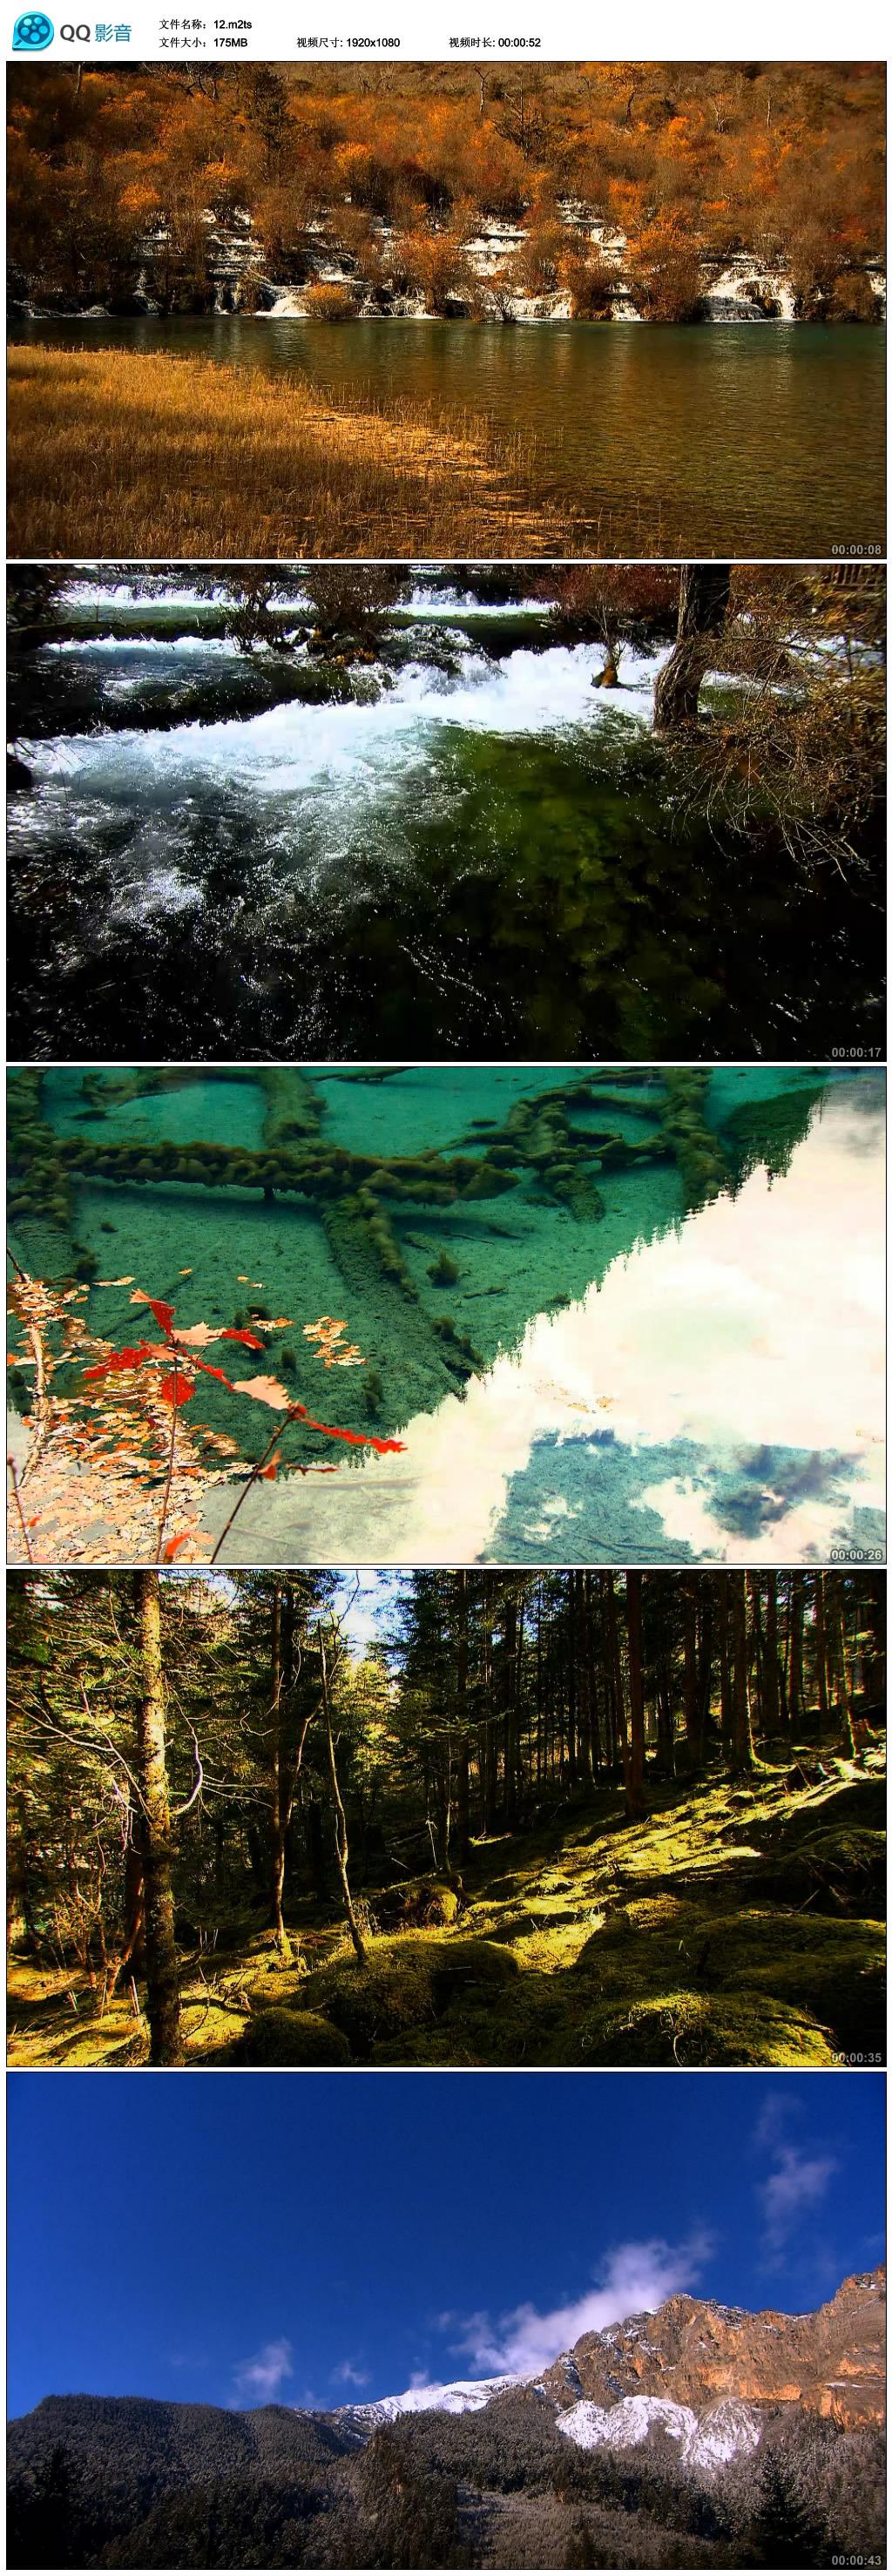 蓝天白云风景山水视频素材模板下载(图片编号:)_自然